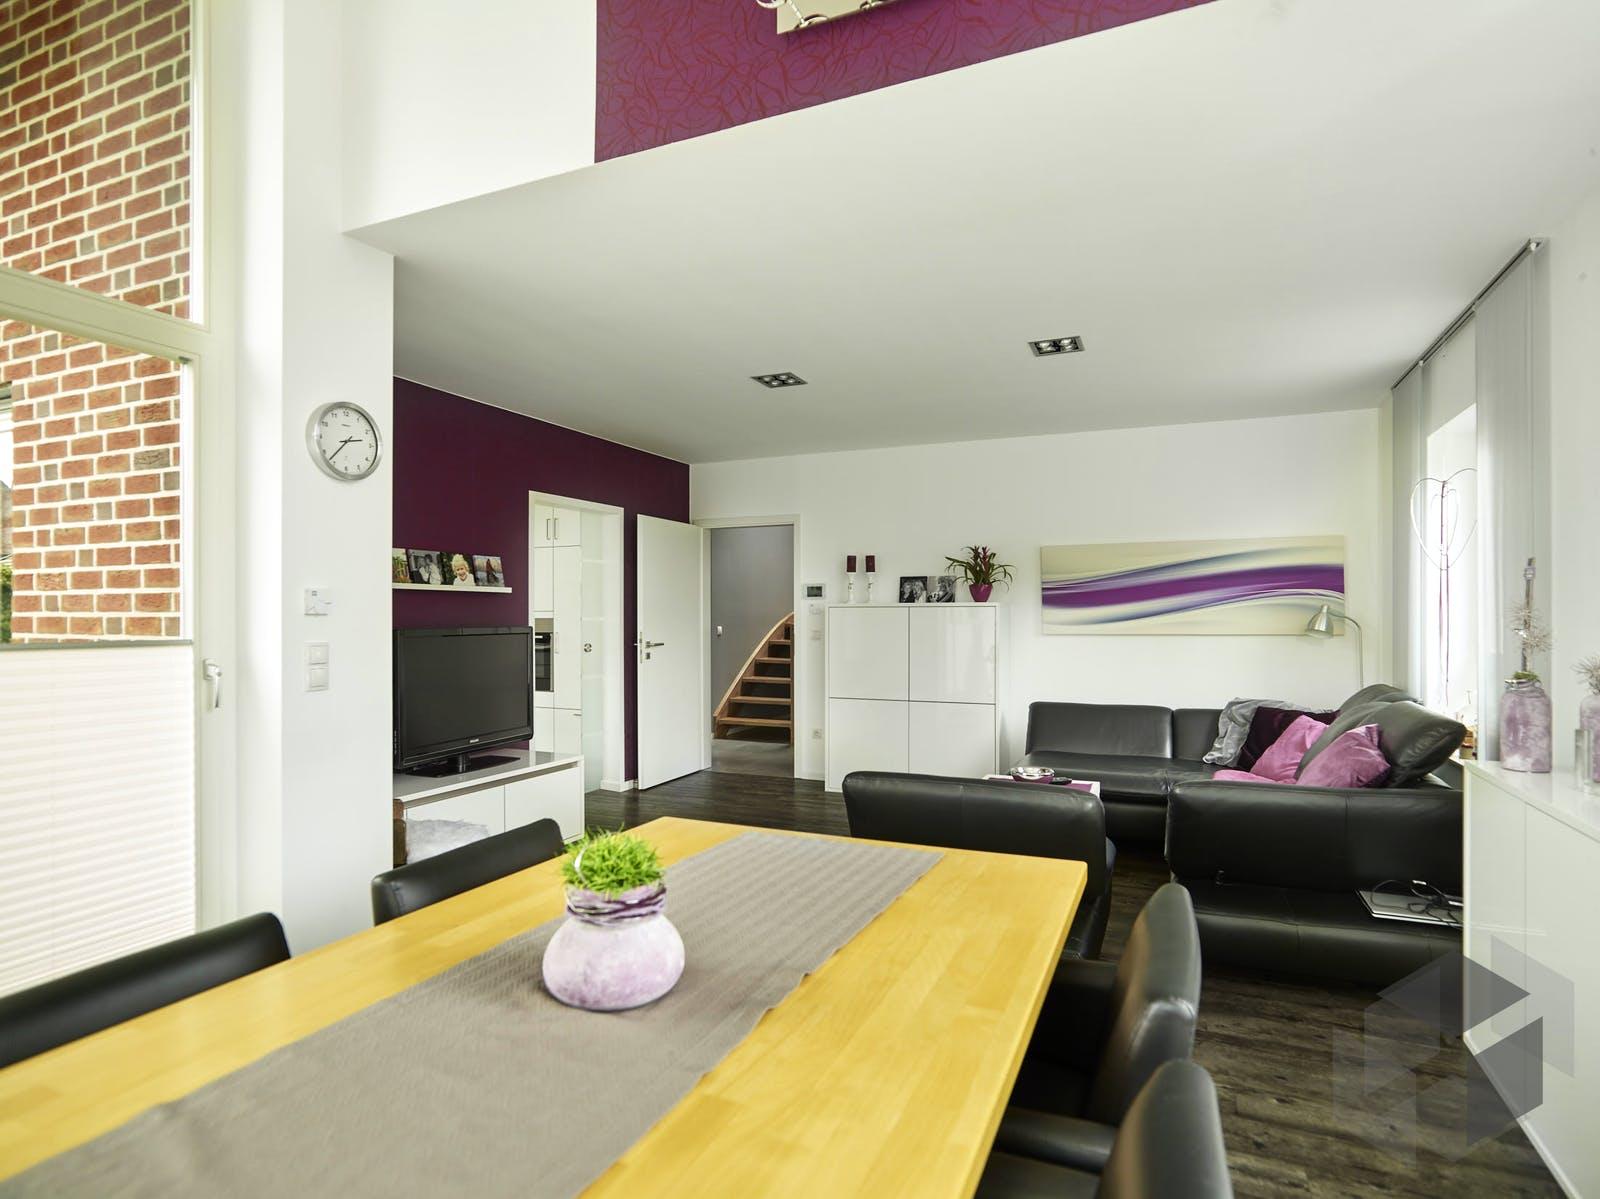 kastanienallee kfw effizienzhaus 40 von gussek haus komplette daten bersicht. Black Bedroom Furniture Sets. Home Design Ideas